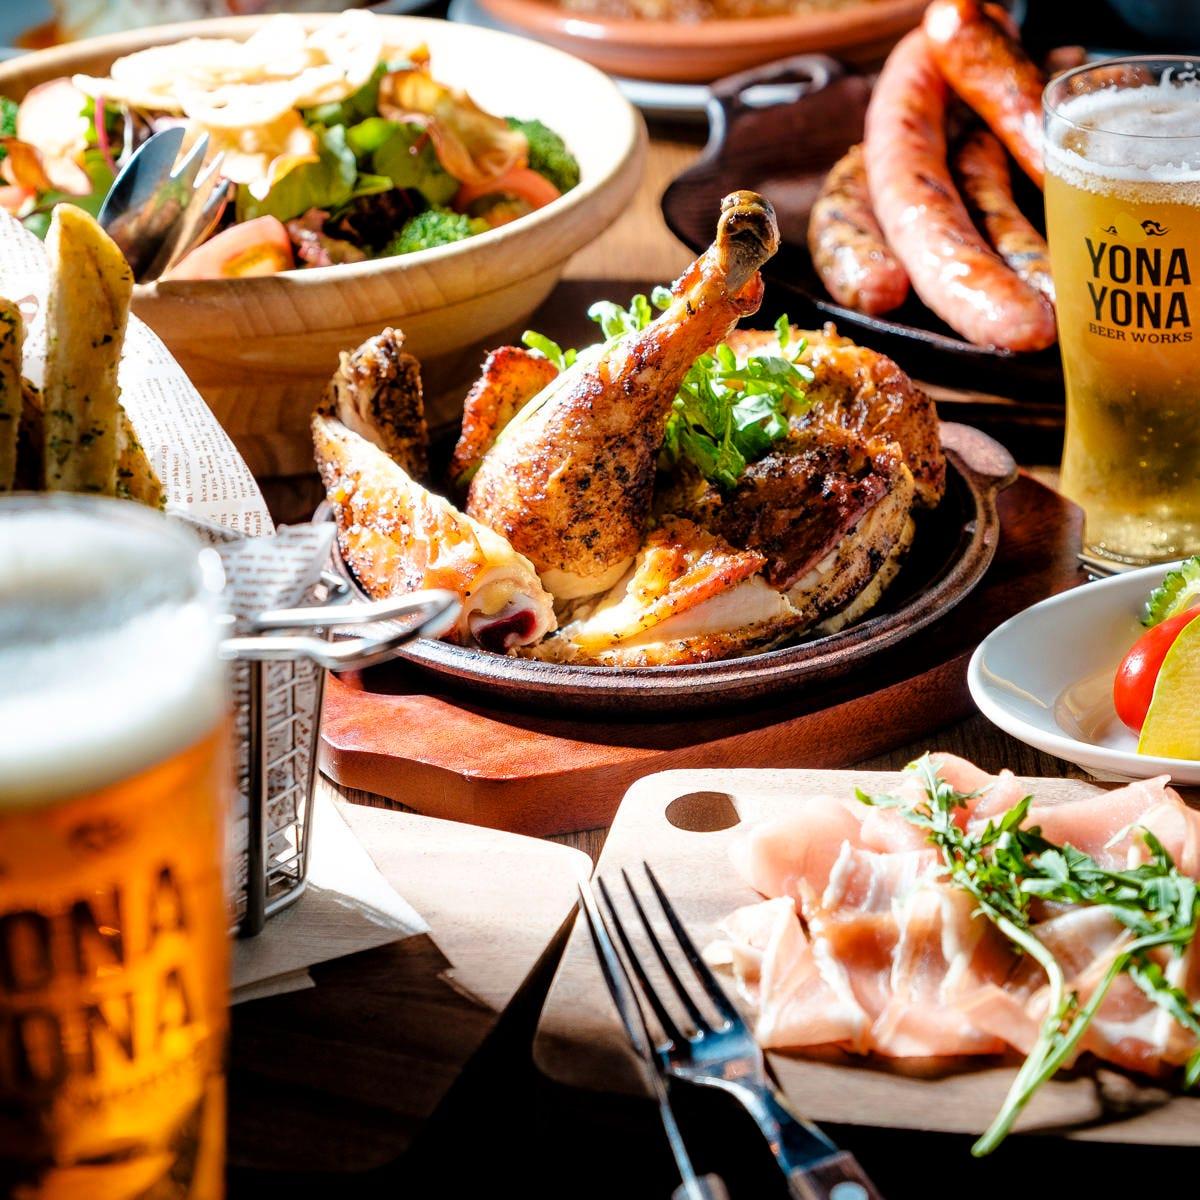 クラフトビールに相性抜群の料理 ※画像はイメージです。